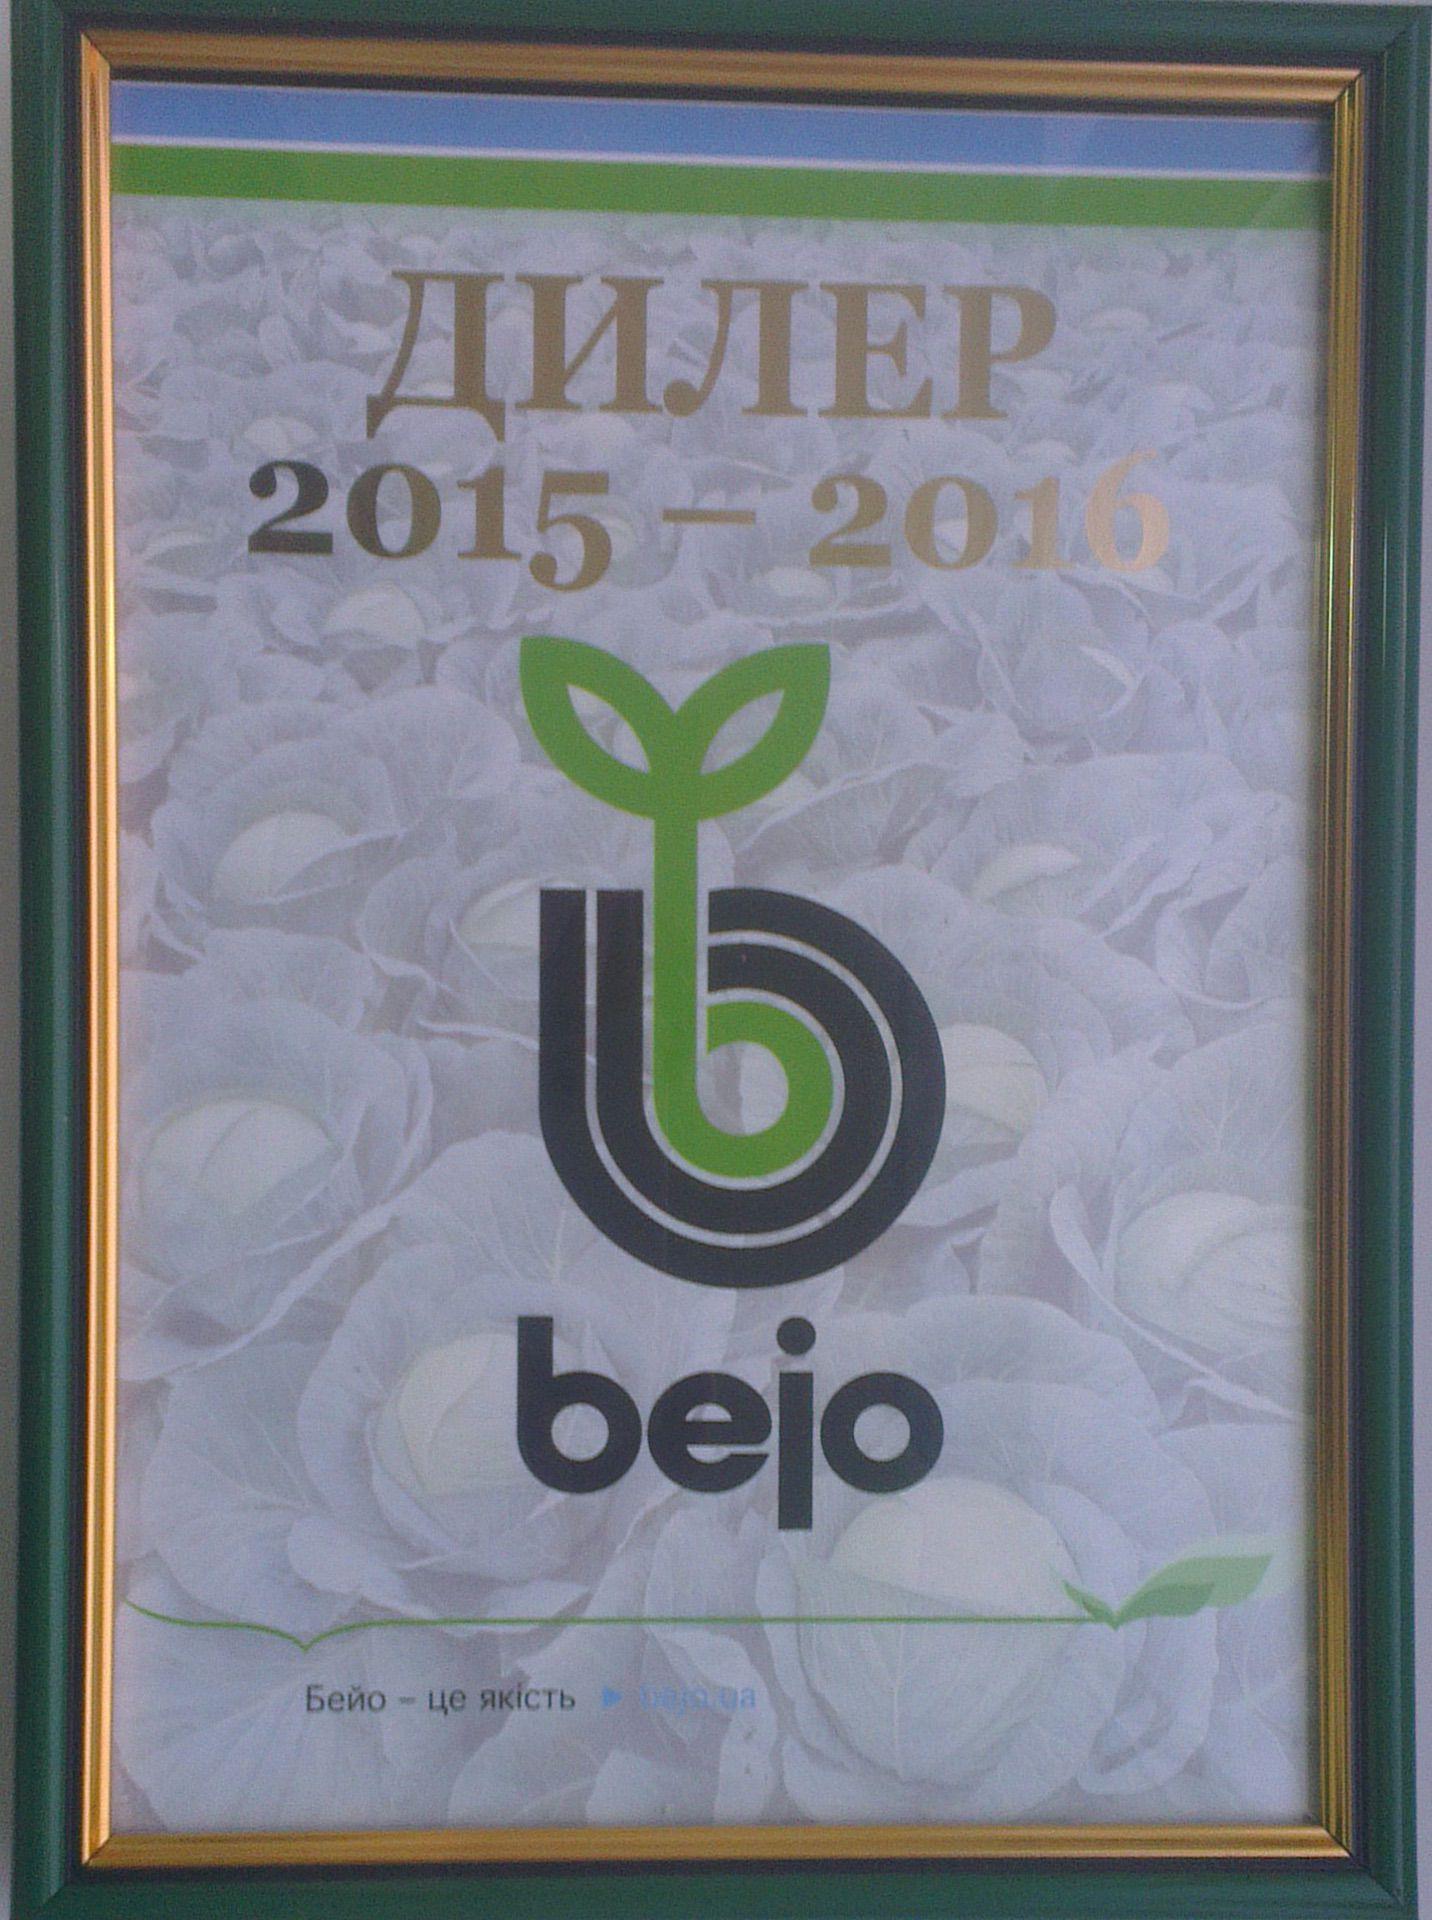 Диллер 2015-2016 Bejo